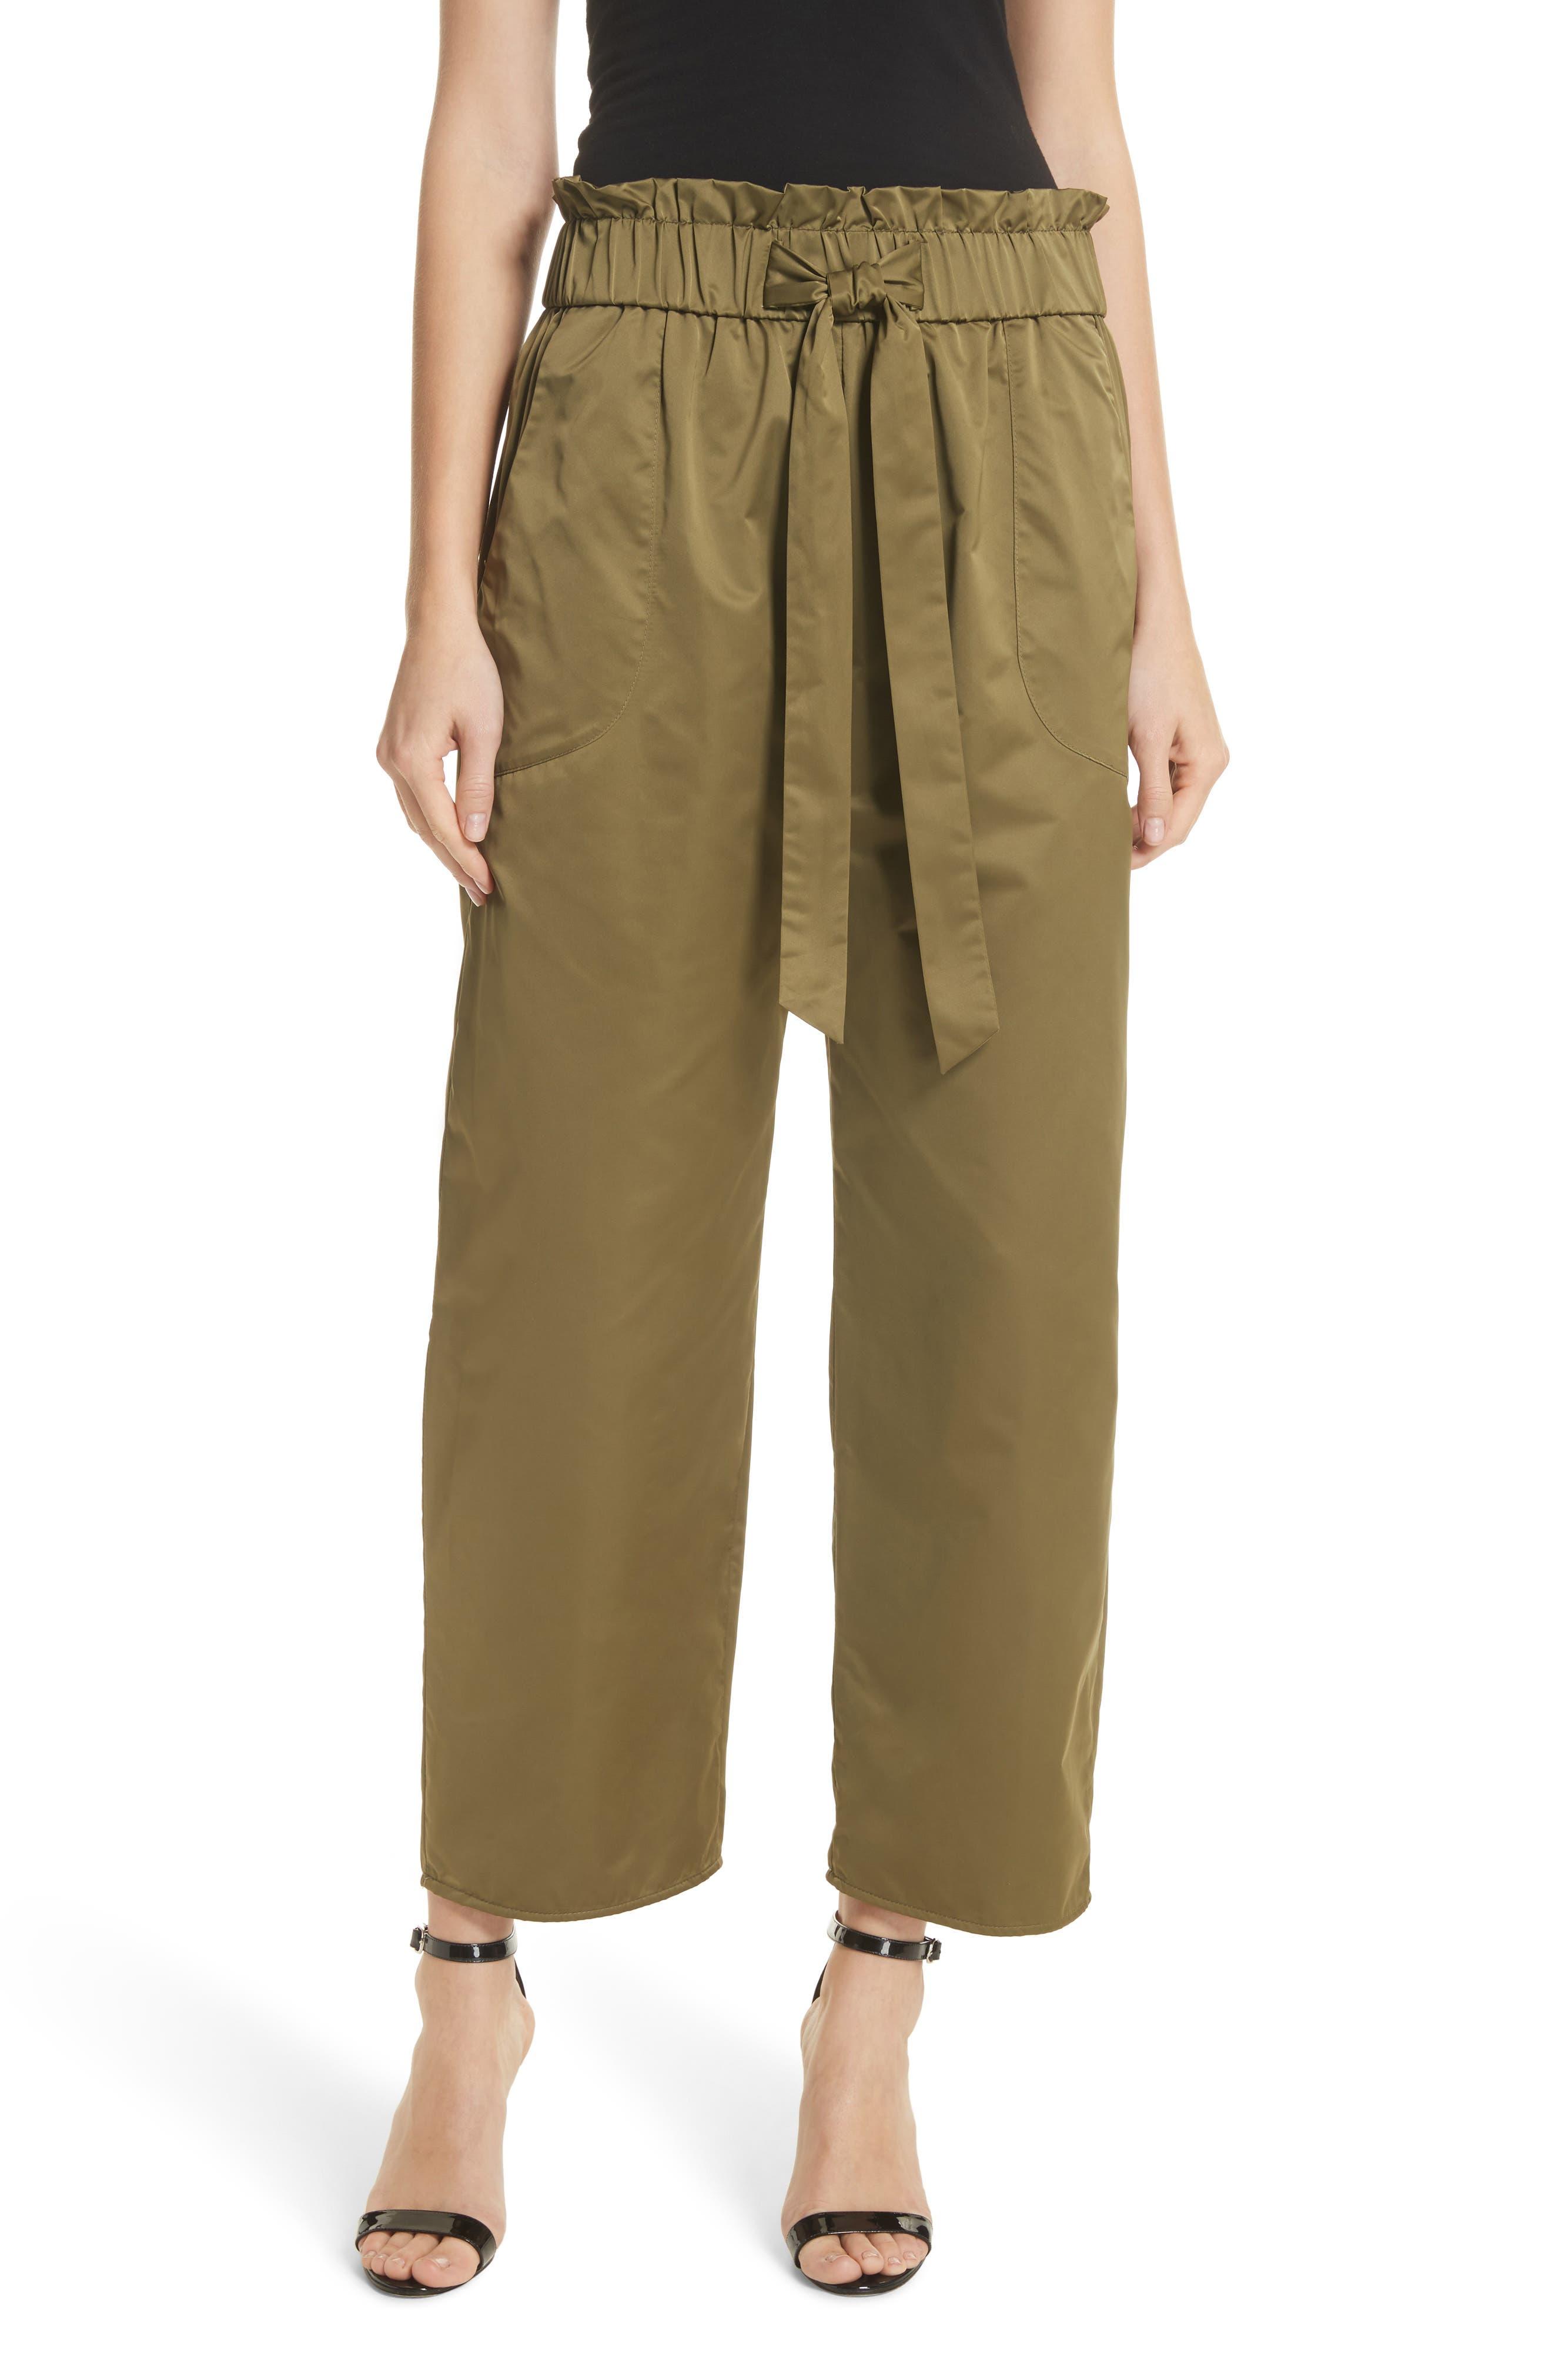 Milly Kori Paperbag Waist Pants